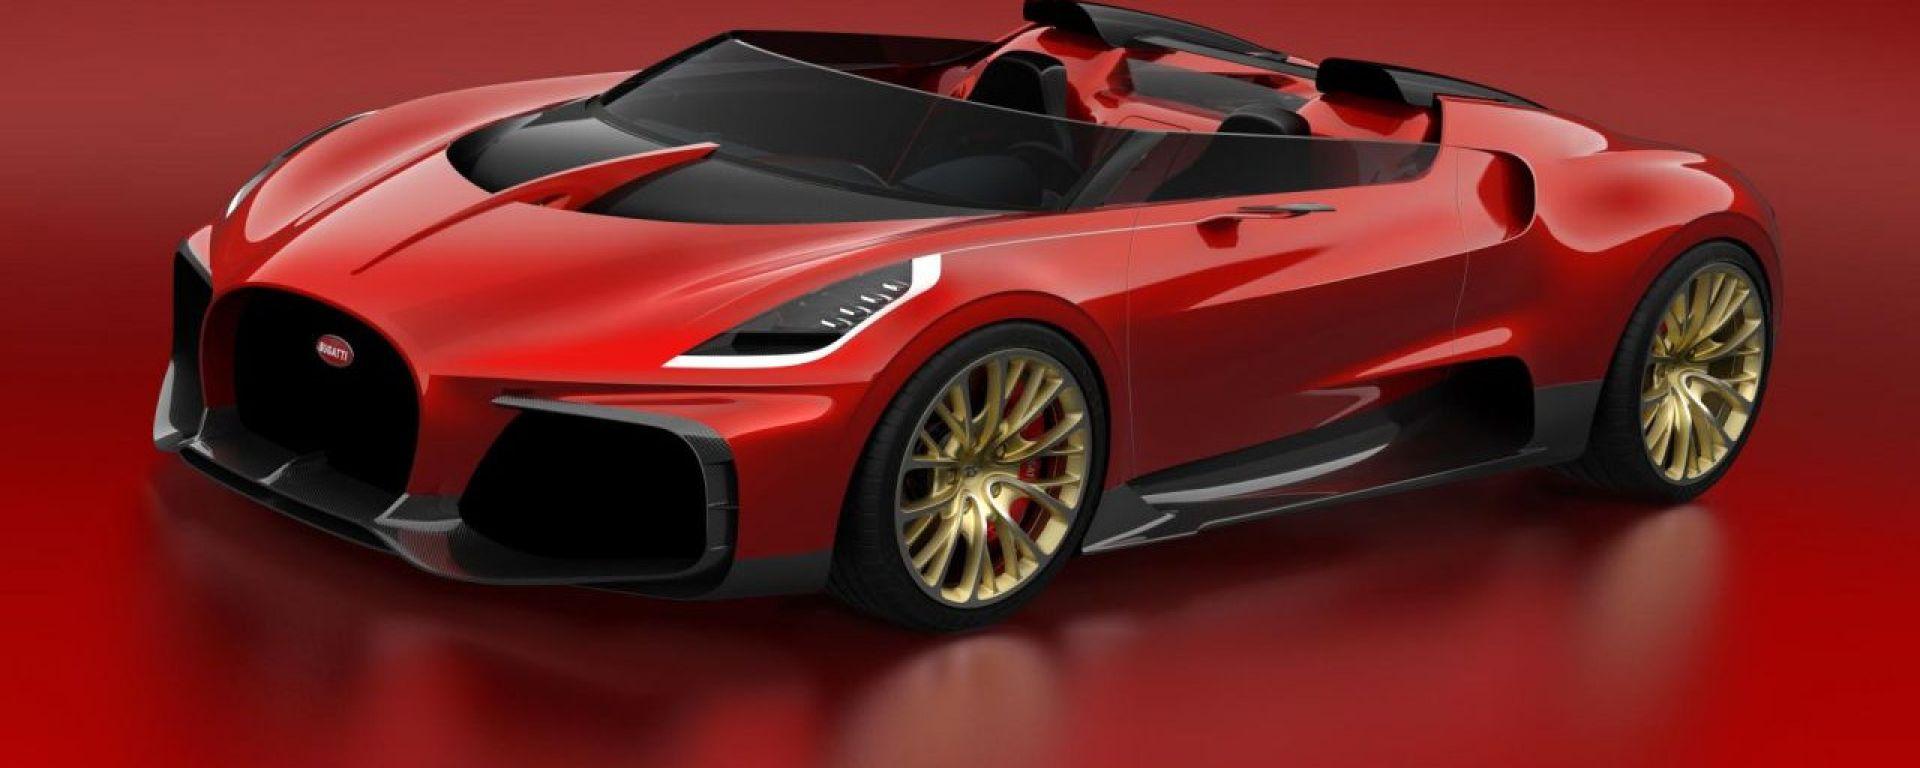 La Bugatti Veyron Barchetta che non fu mai realizzata